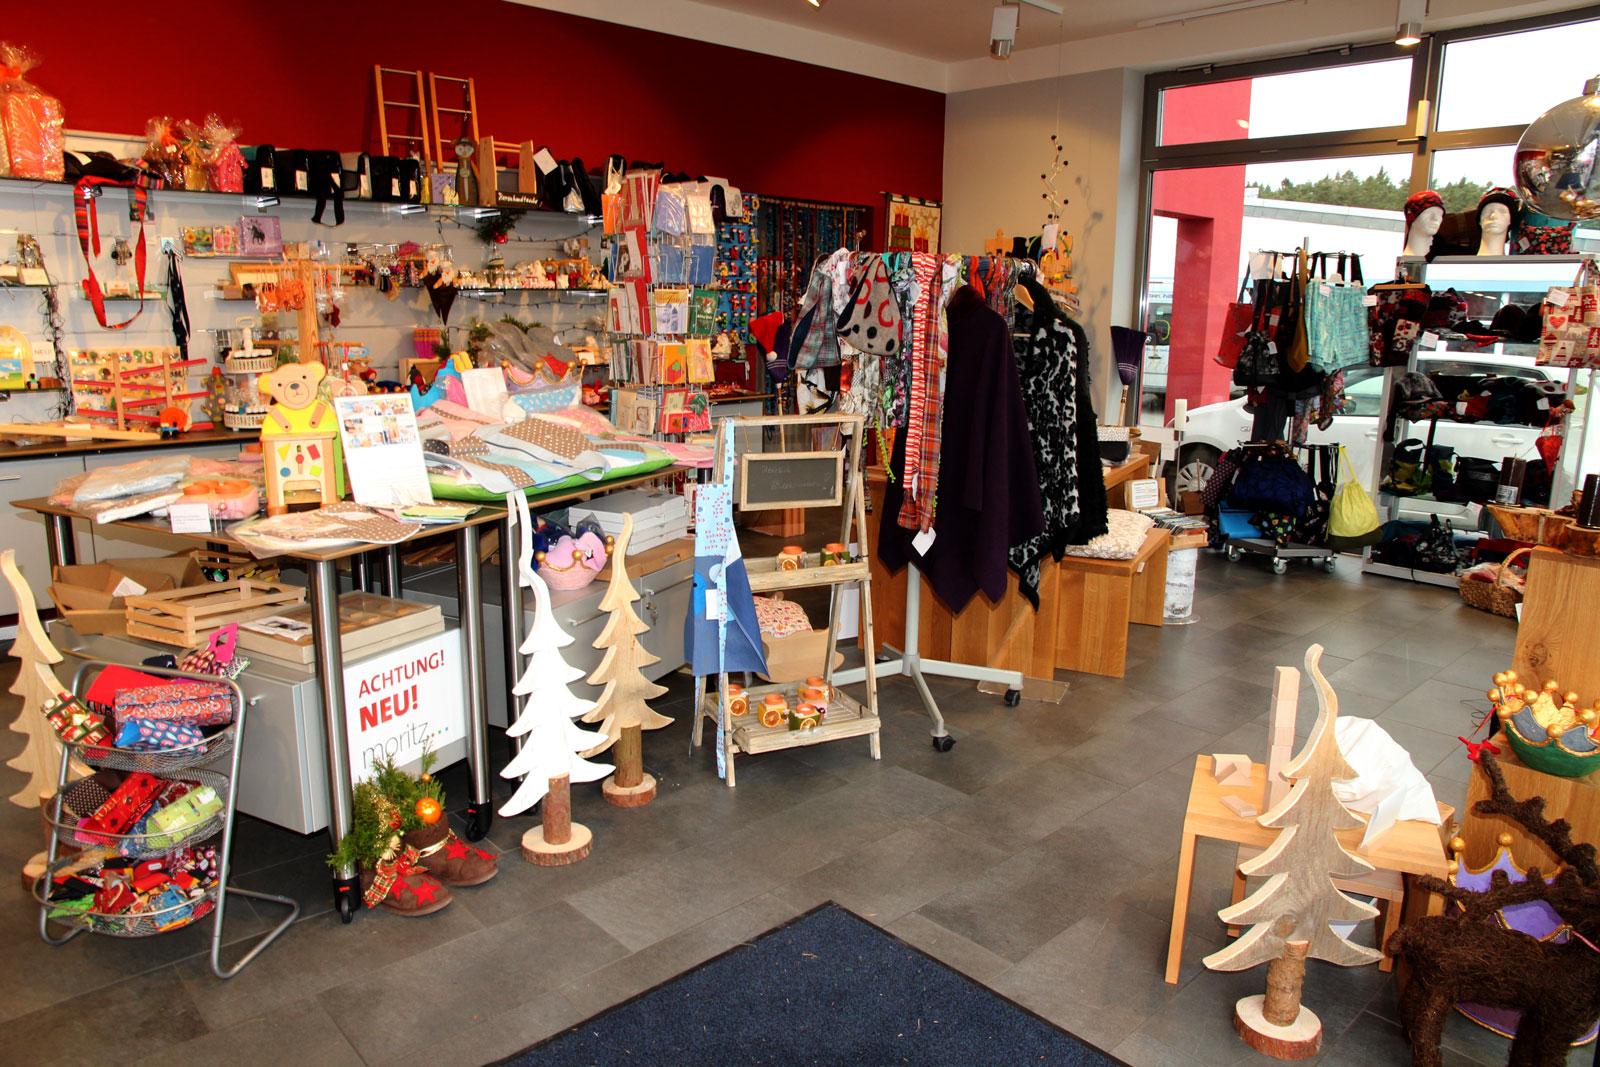 Hereinspaziert ins Geschenke & Mehr-Paradies: Bei uns können Sie aus vielen regionalen Produkten unserer Moritzberg-Werkstätten wählen.